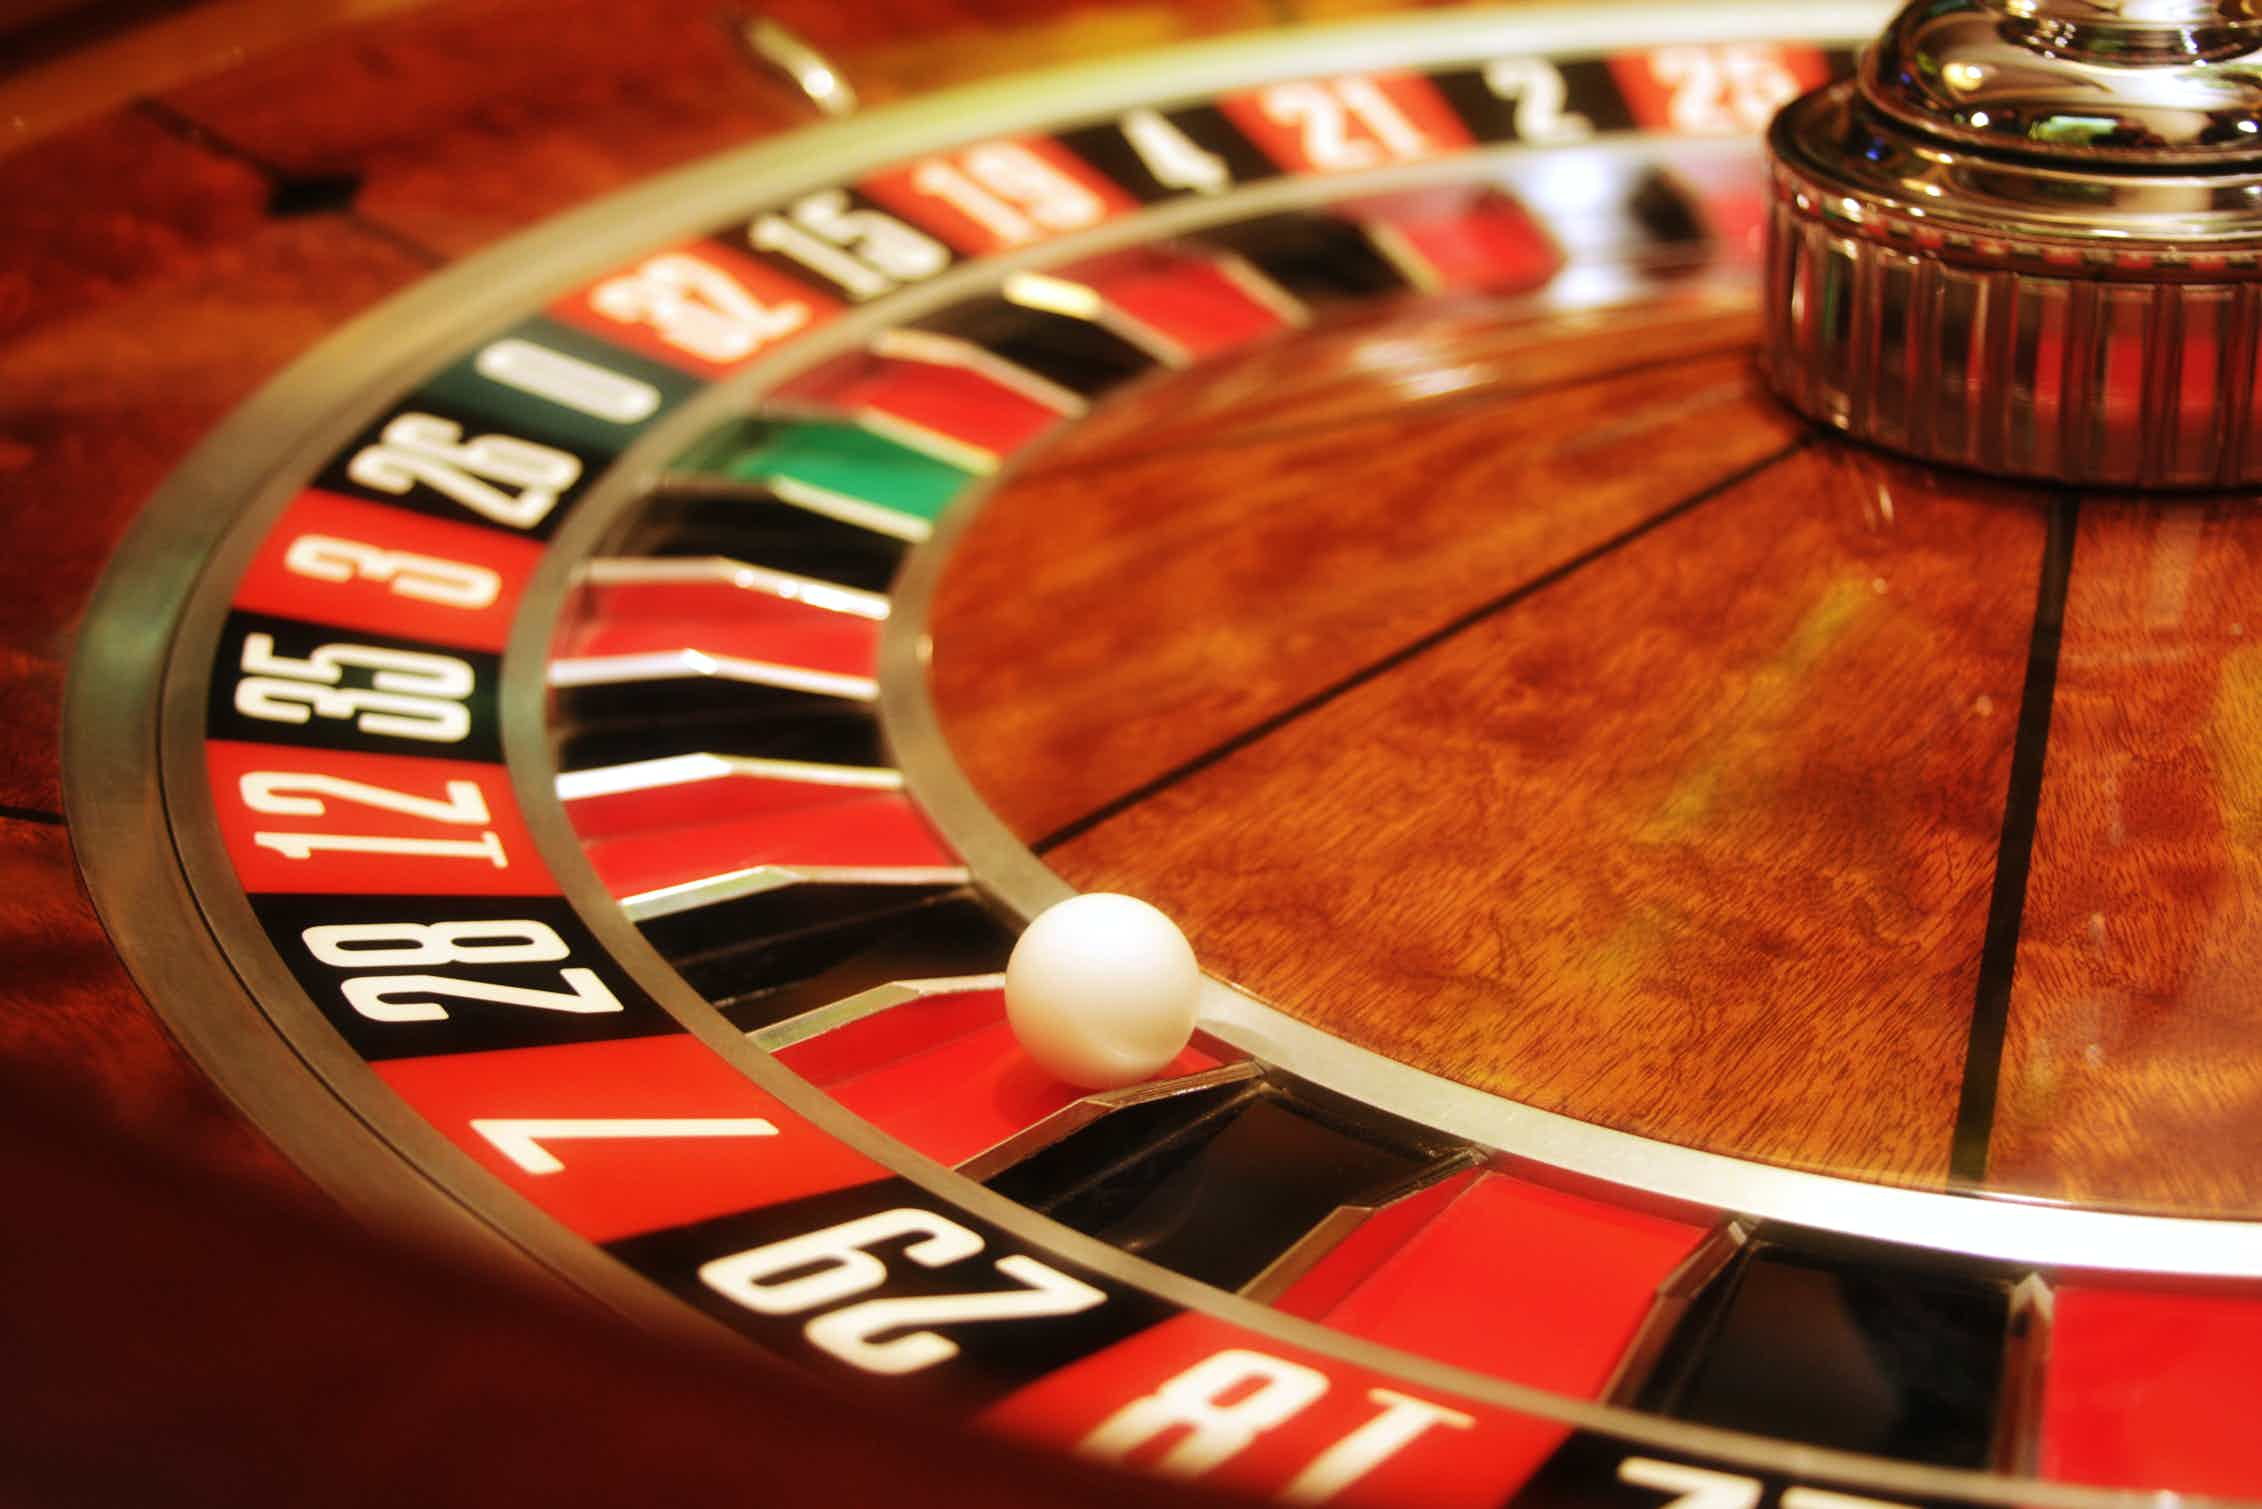 Col rouge nella roulette